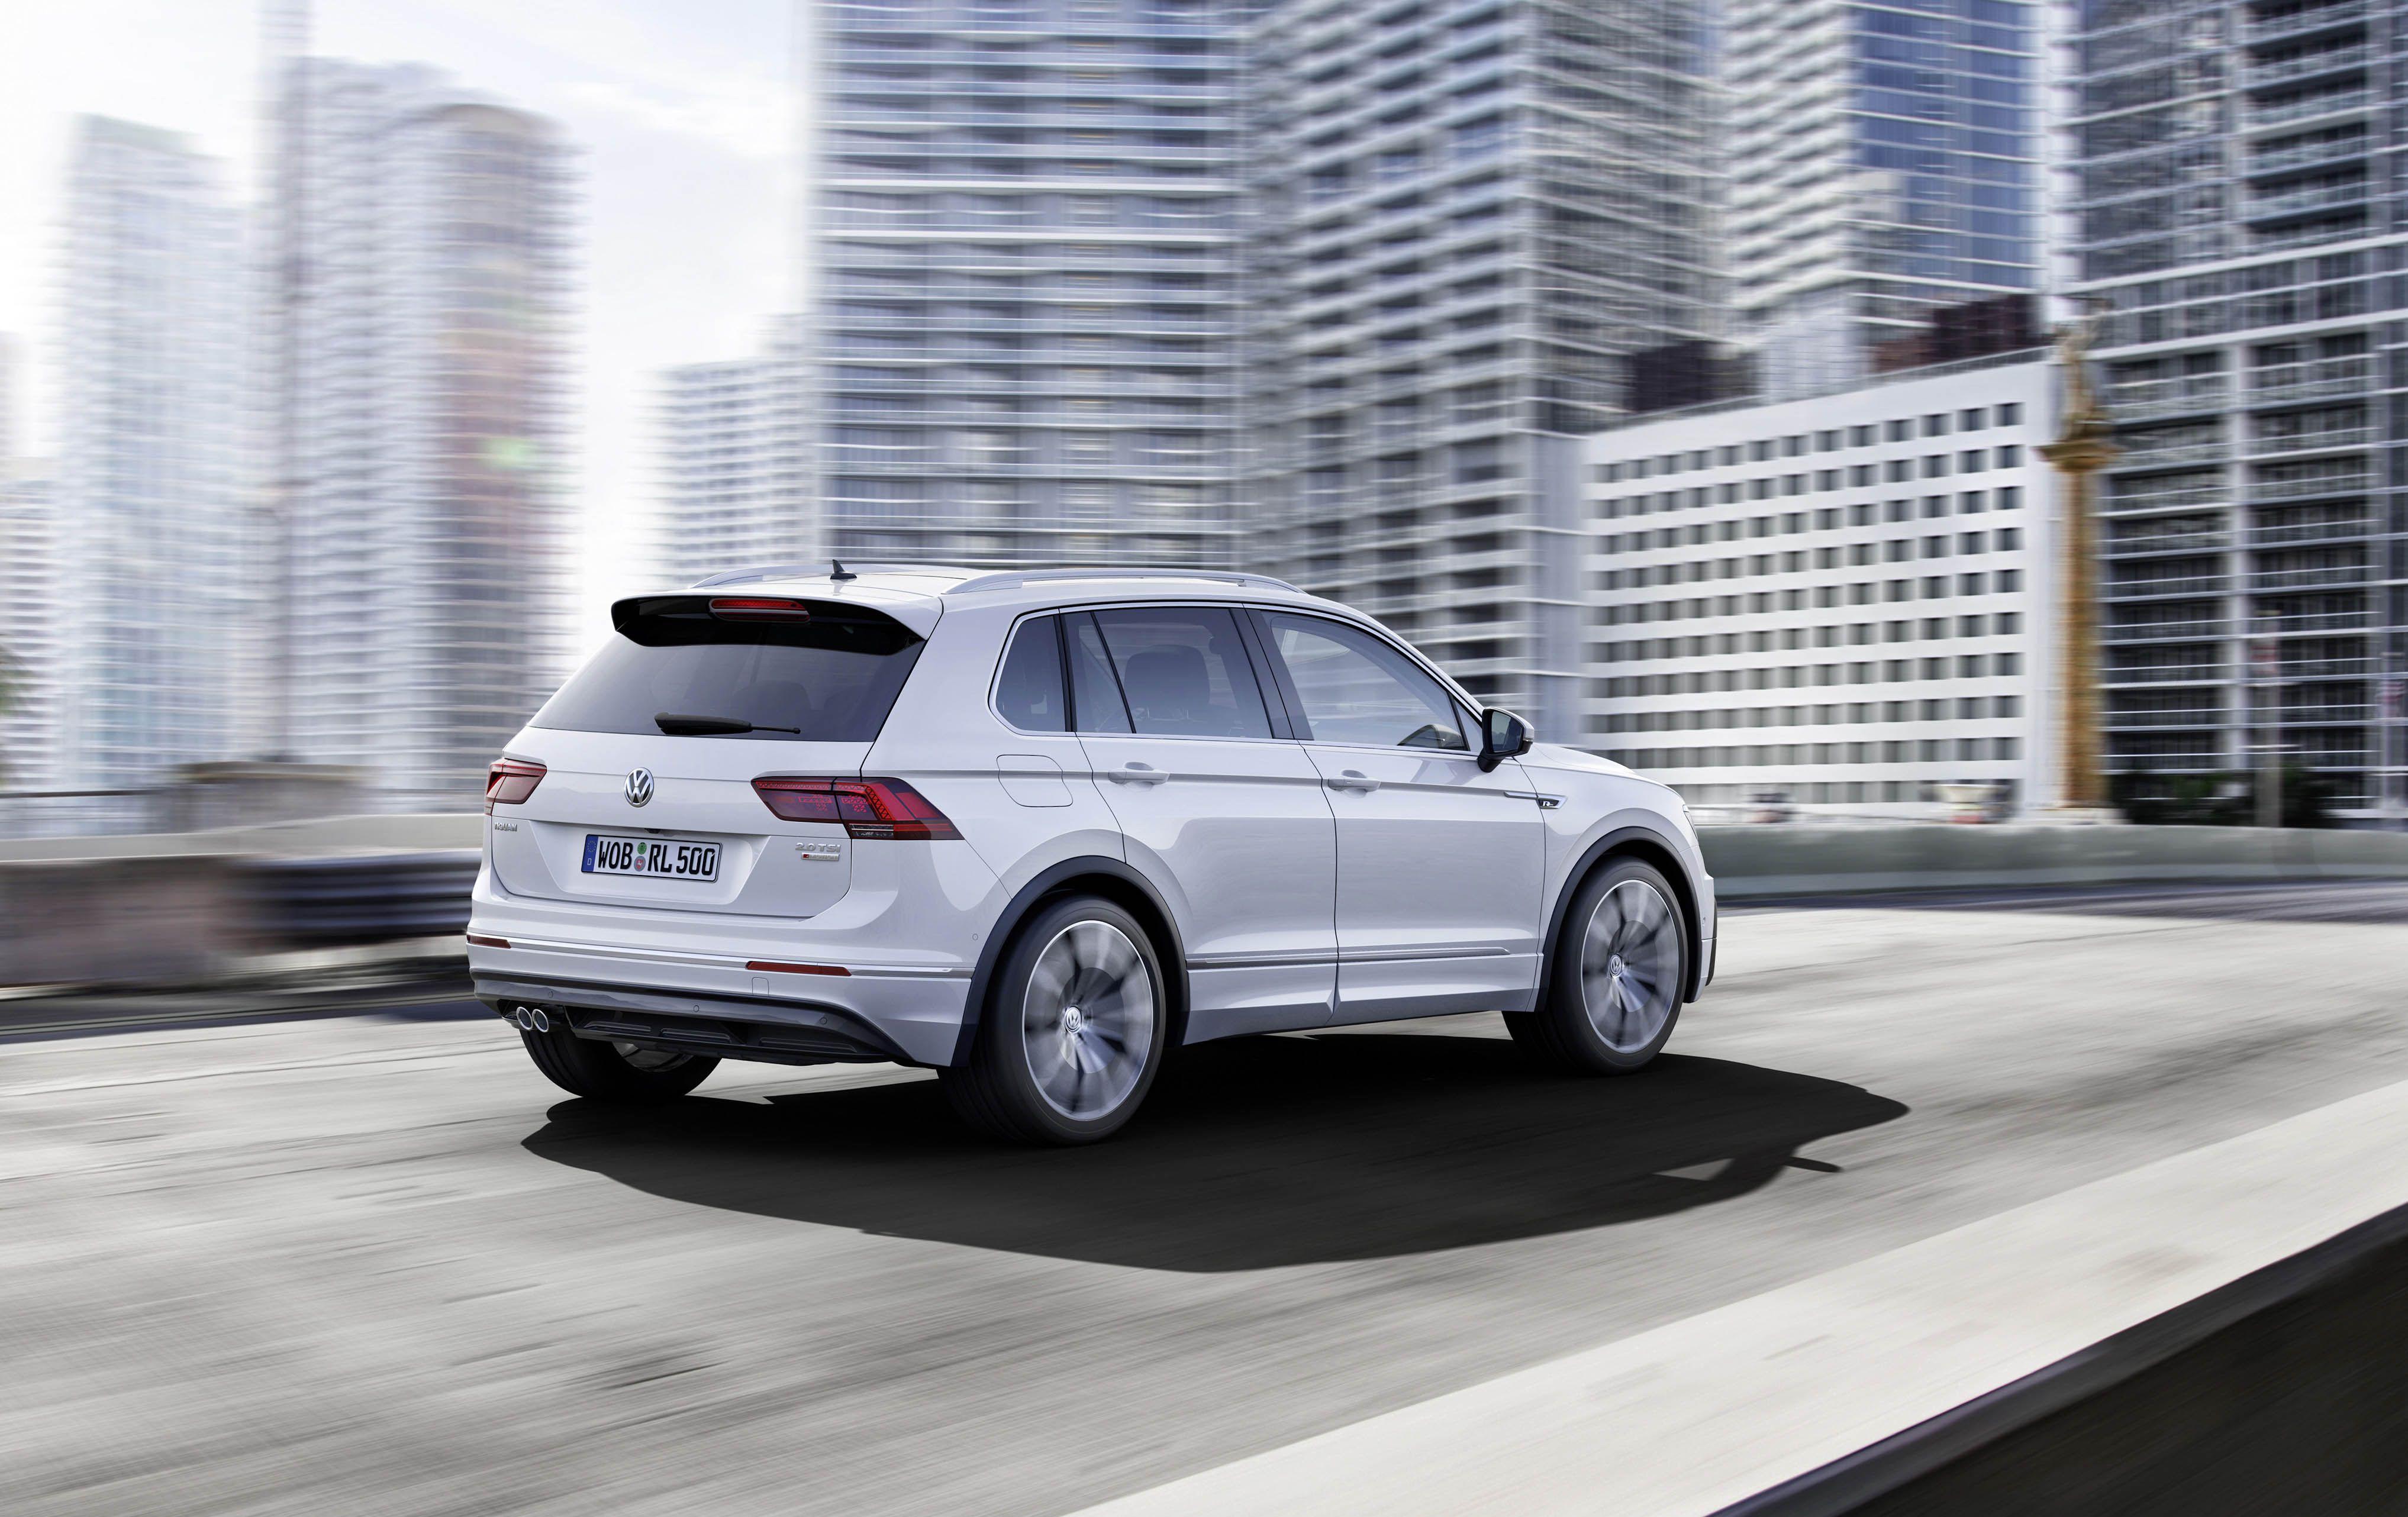 Eindelijk officieel op IAA: gloednieuwe Volkswagen Tiguan